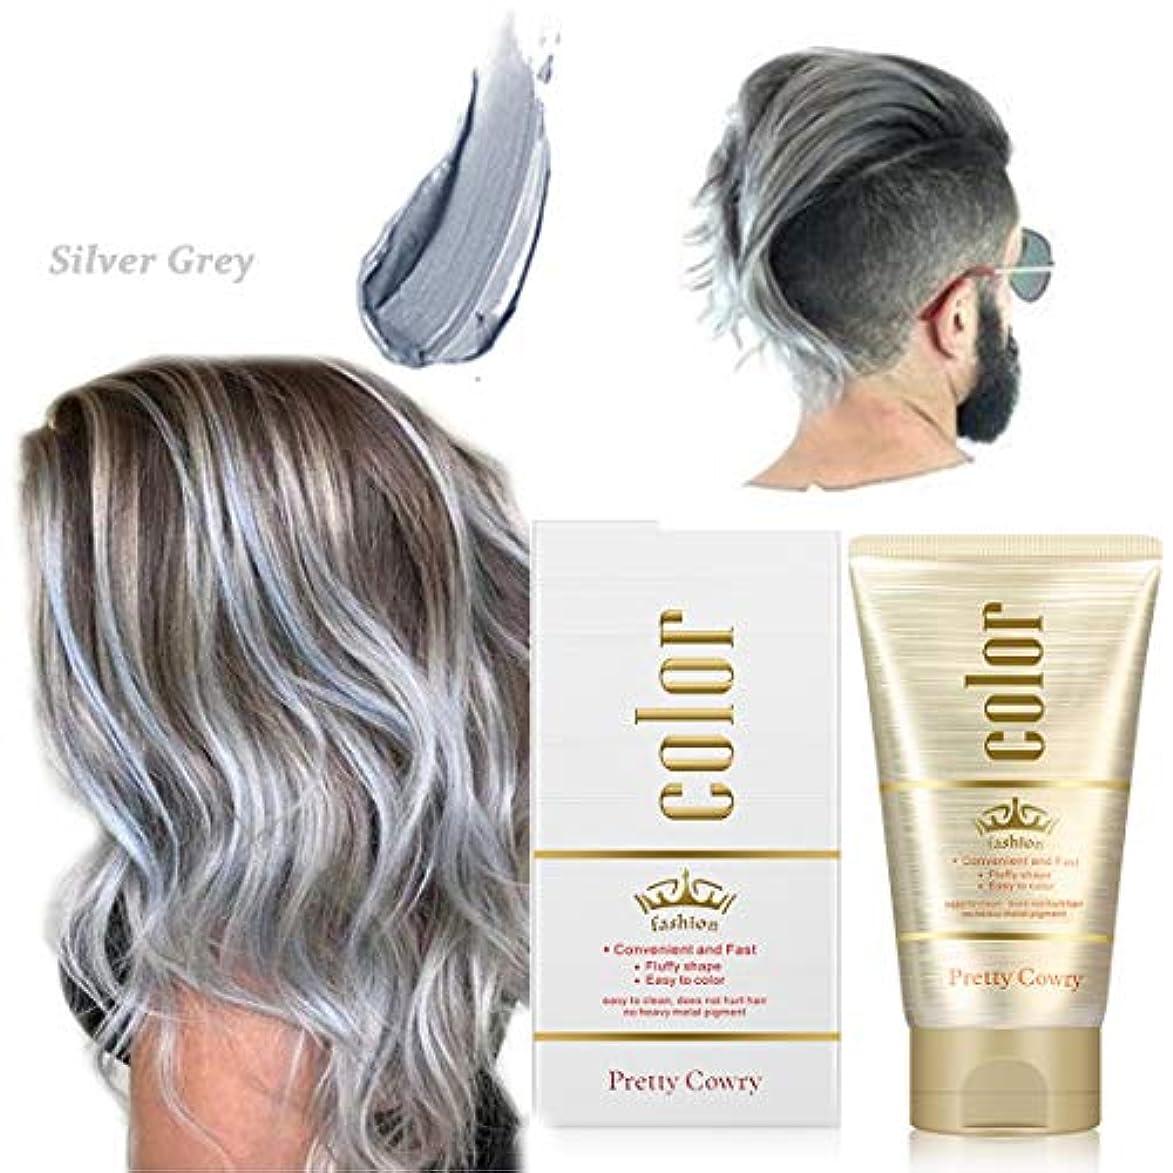 作者上向きわずかな染めヘアワックス、ワンタイムカラースタイリング、スタイリングカラーヘアワックス、ユニセックス9色、diyヘアカラーヘアパーティー、ロールプレイング (Sliver grey)